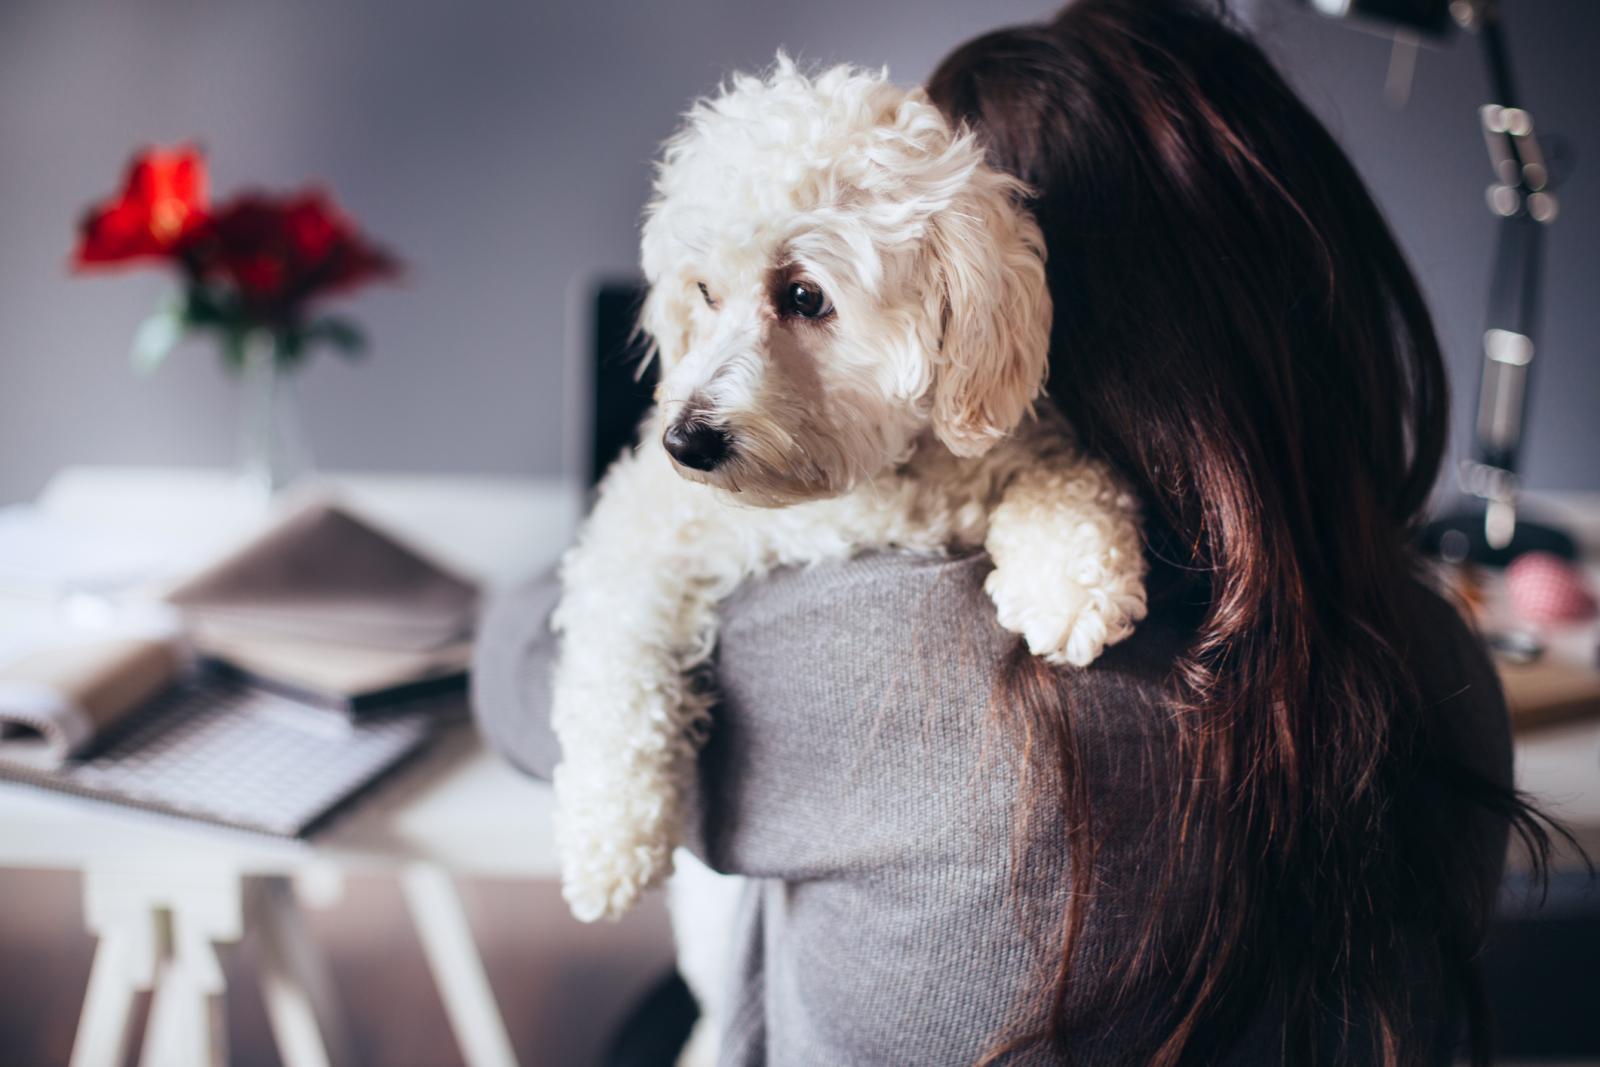 Umjesto otvaranja još jednog korisničkog računa, možda je bolje da nabavite kućnog ljubimca.